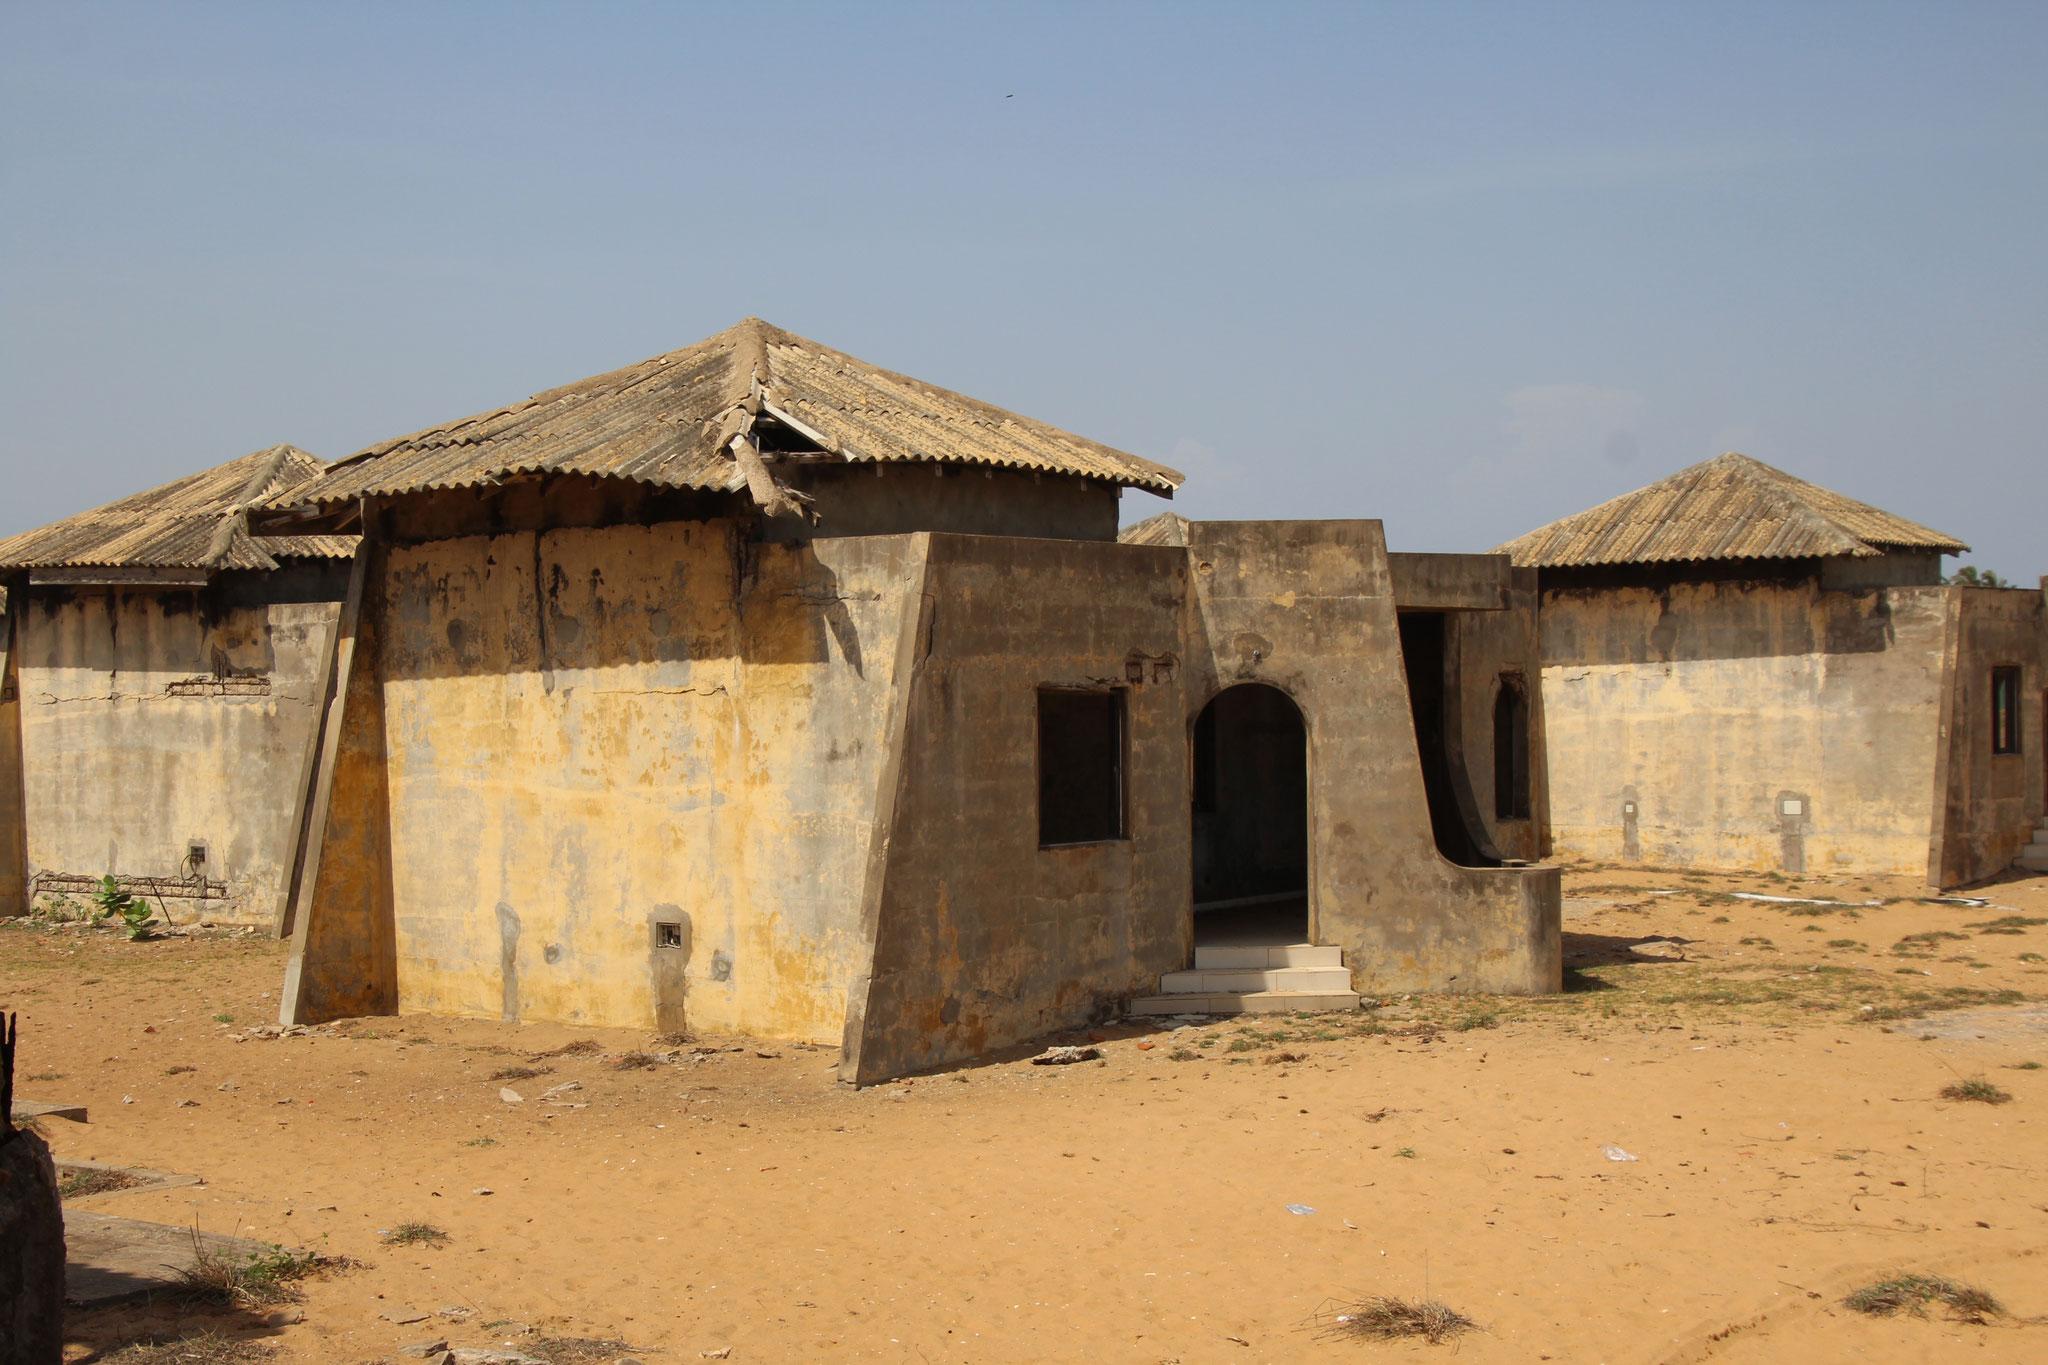 Hütten für überzählige Sklaven.